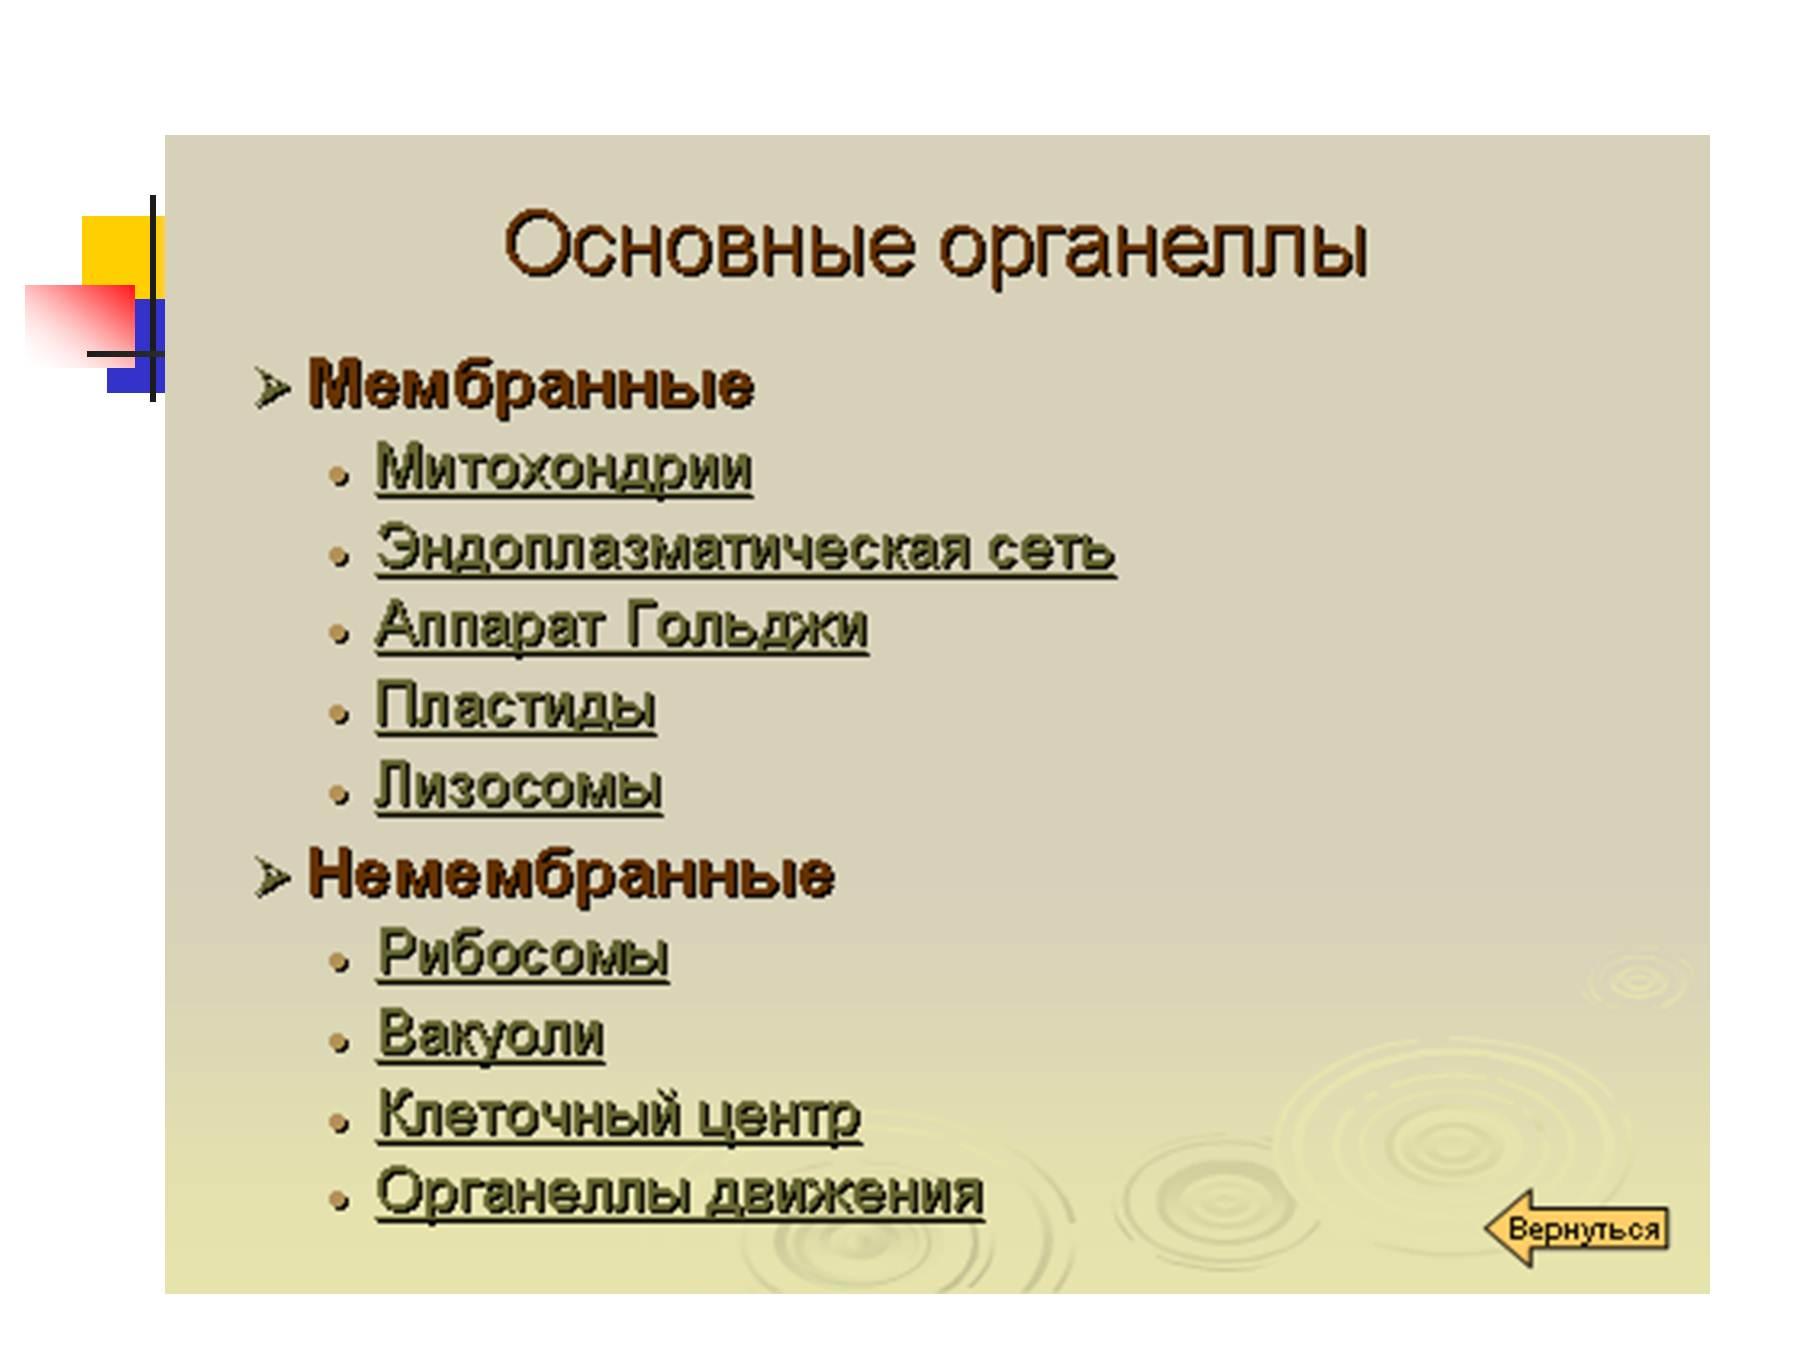 презентация по функции